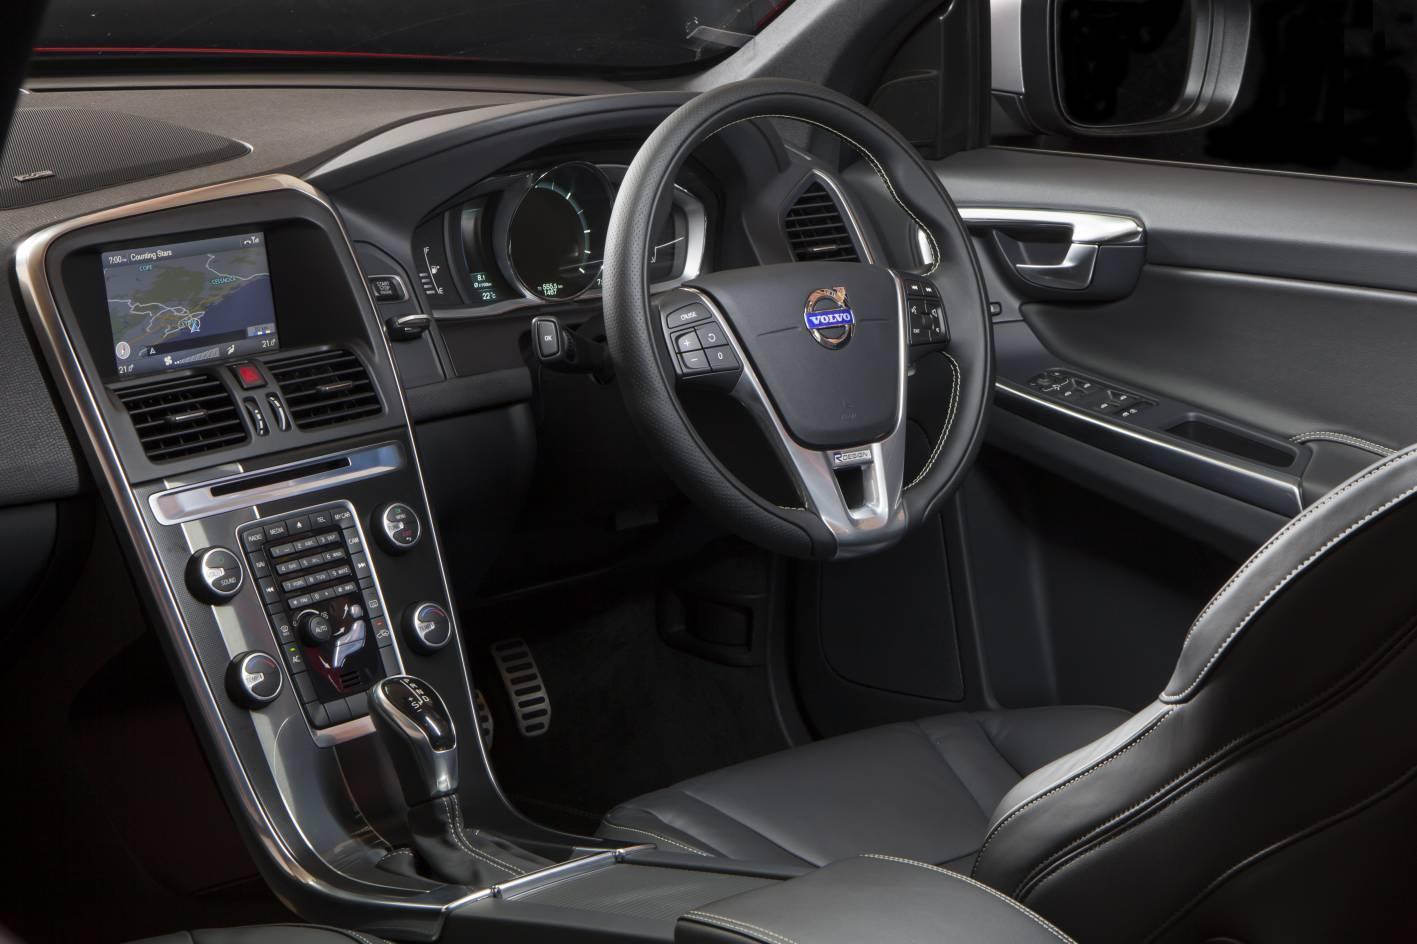 Volvo xc60 2013 interior 2013 volvo xc60 interior for Volvo xc60 interieur